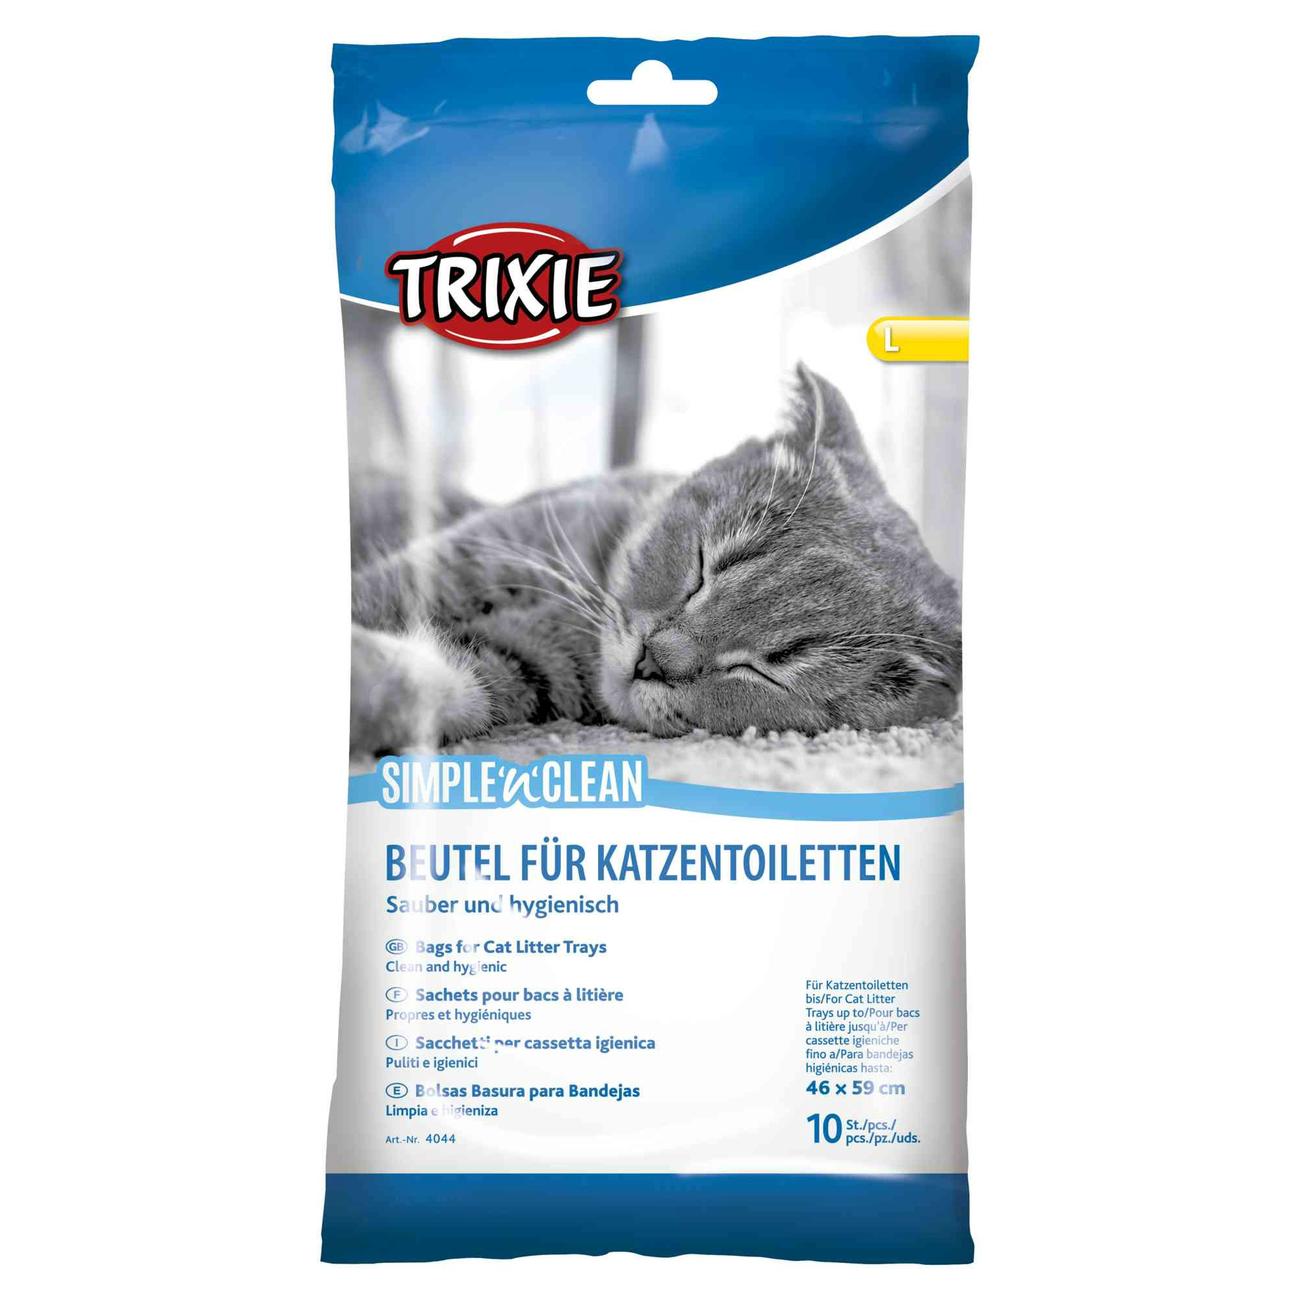 Trixie Katzentoiletten Beutel 4043, Bild 4